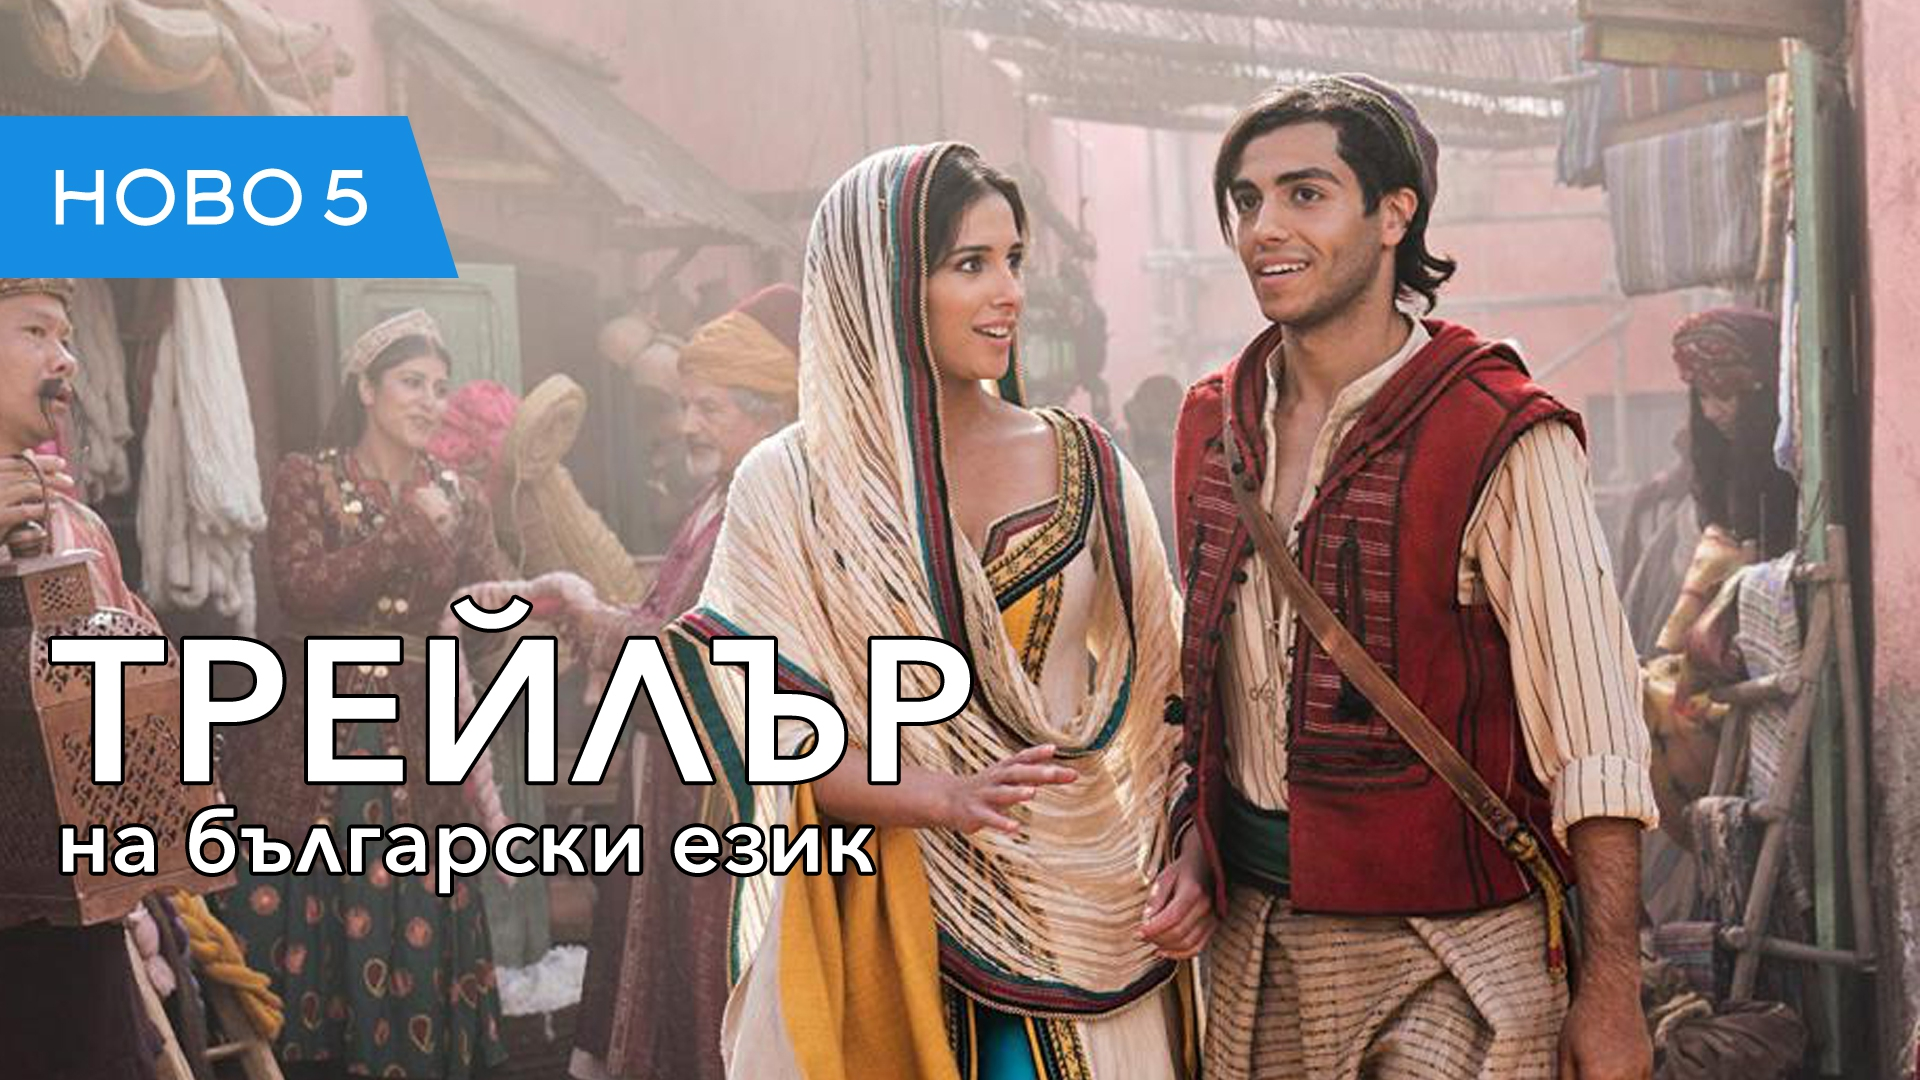 Аладин (2019) трейлър, озвучен на български език